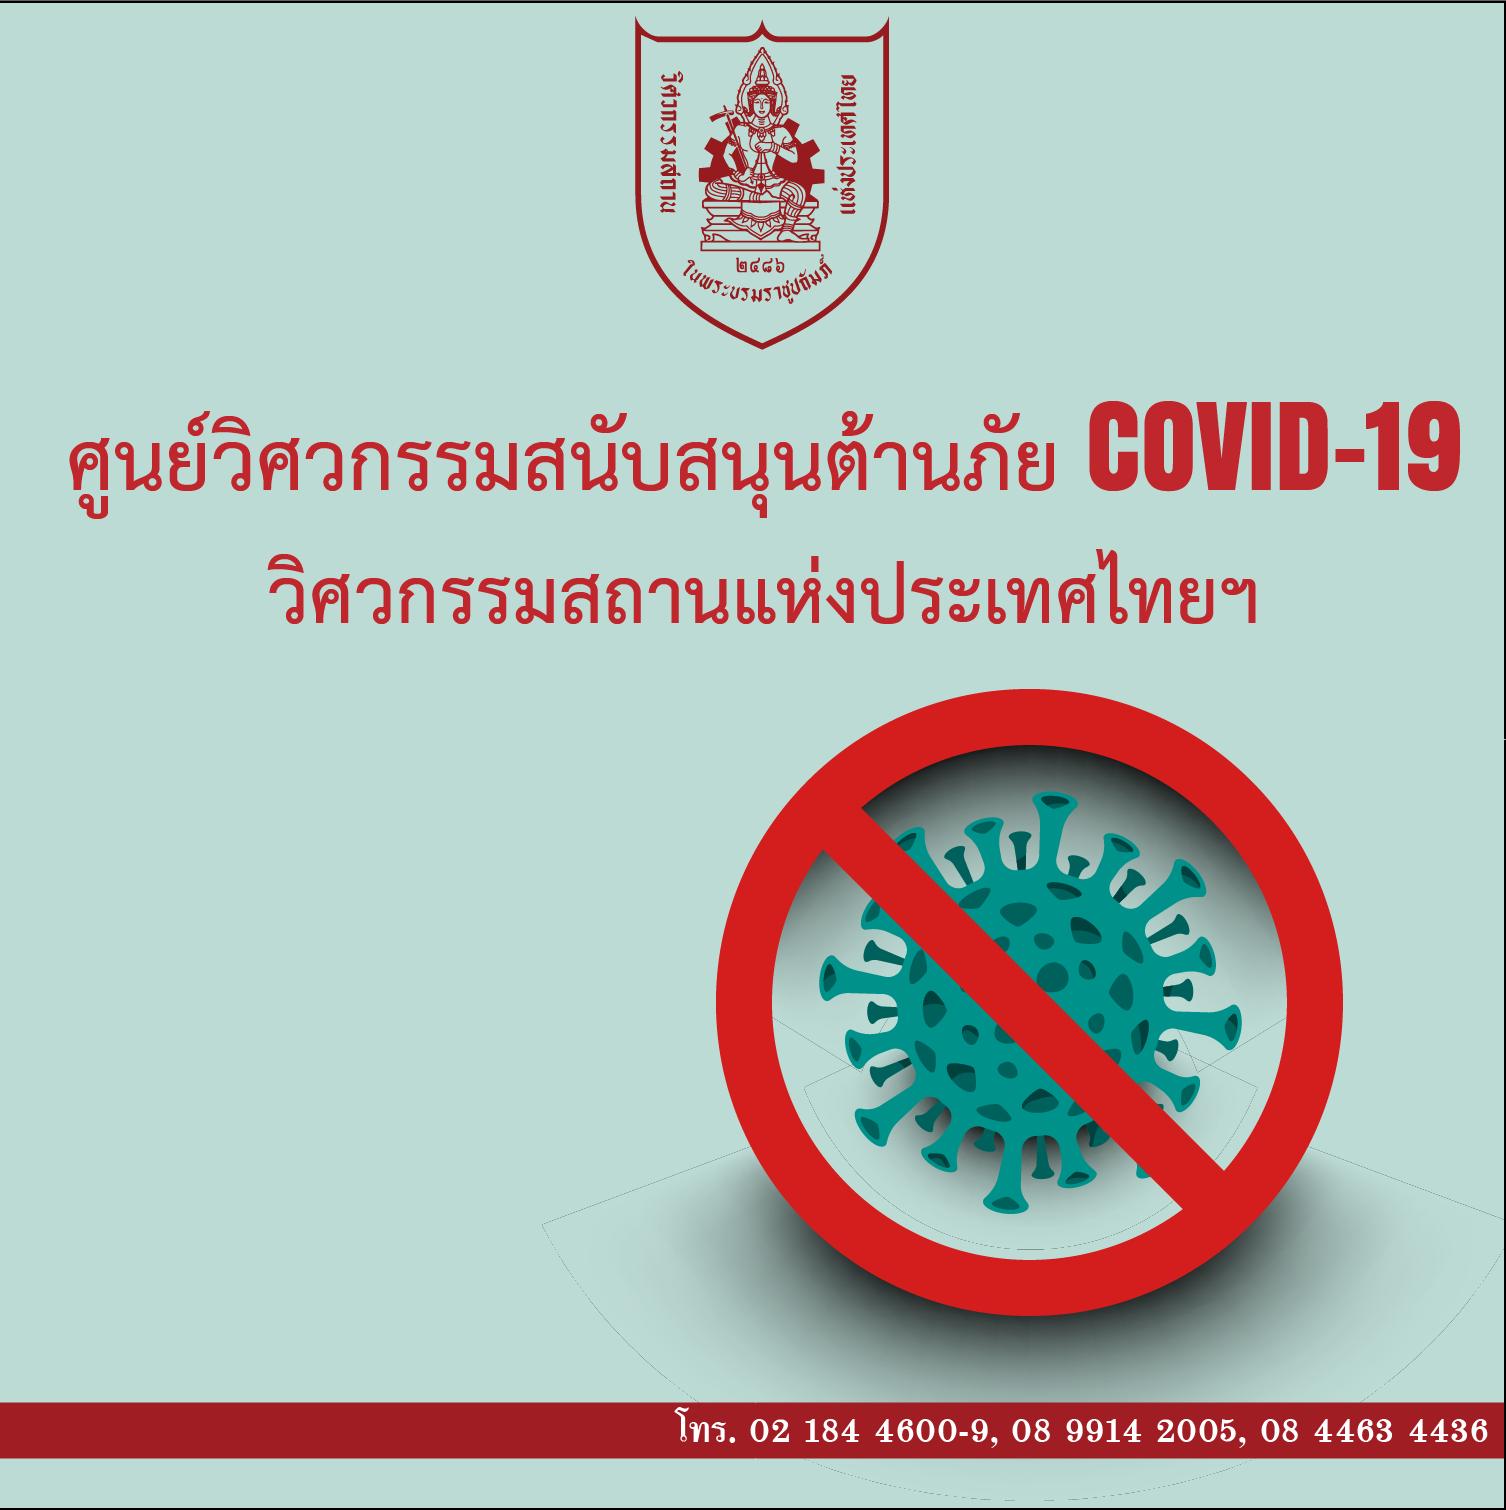 ตู้ความดันลบ (Negative Pressure Cabinet) ต้นแบบ โดย ศูนย์วิศวกรรมสนับสนุนต้านภัย COVID-19 วิศวกรรมสถานแห่งประเทศไทยฯ (วสท.)